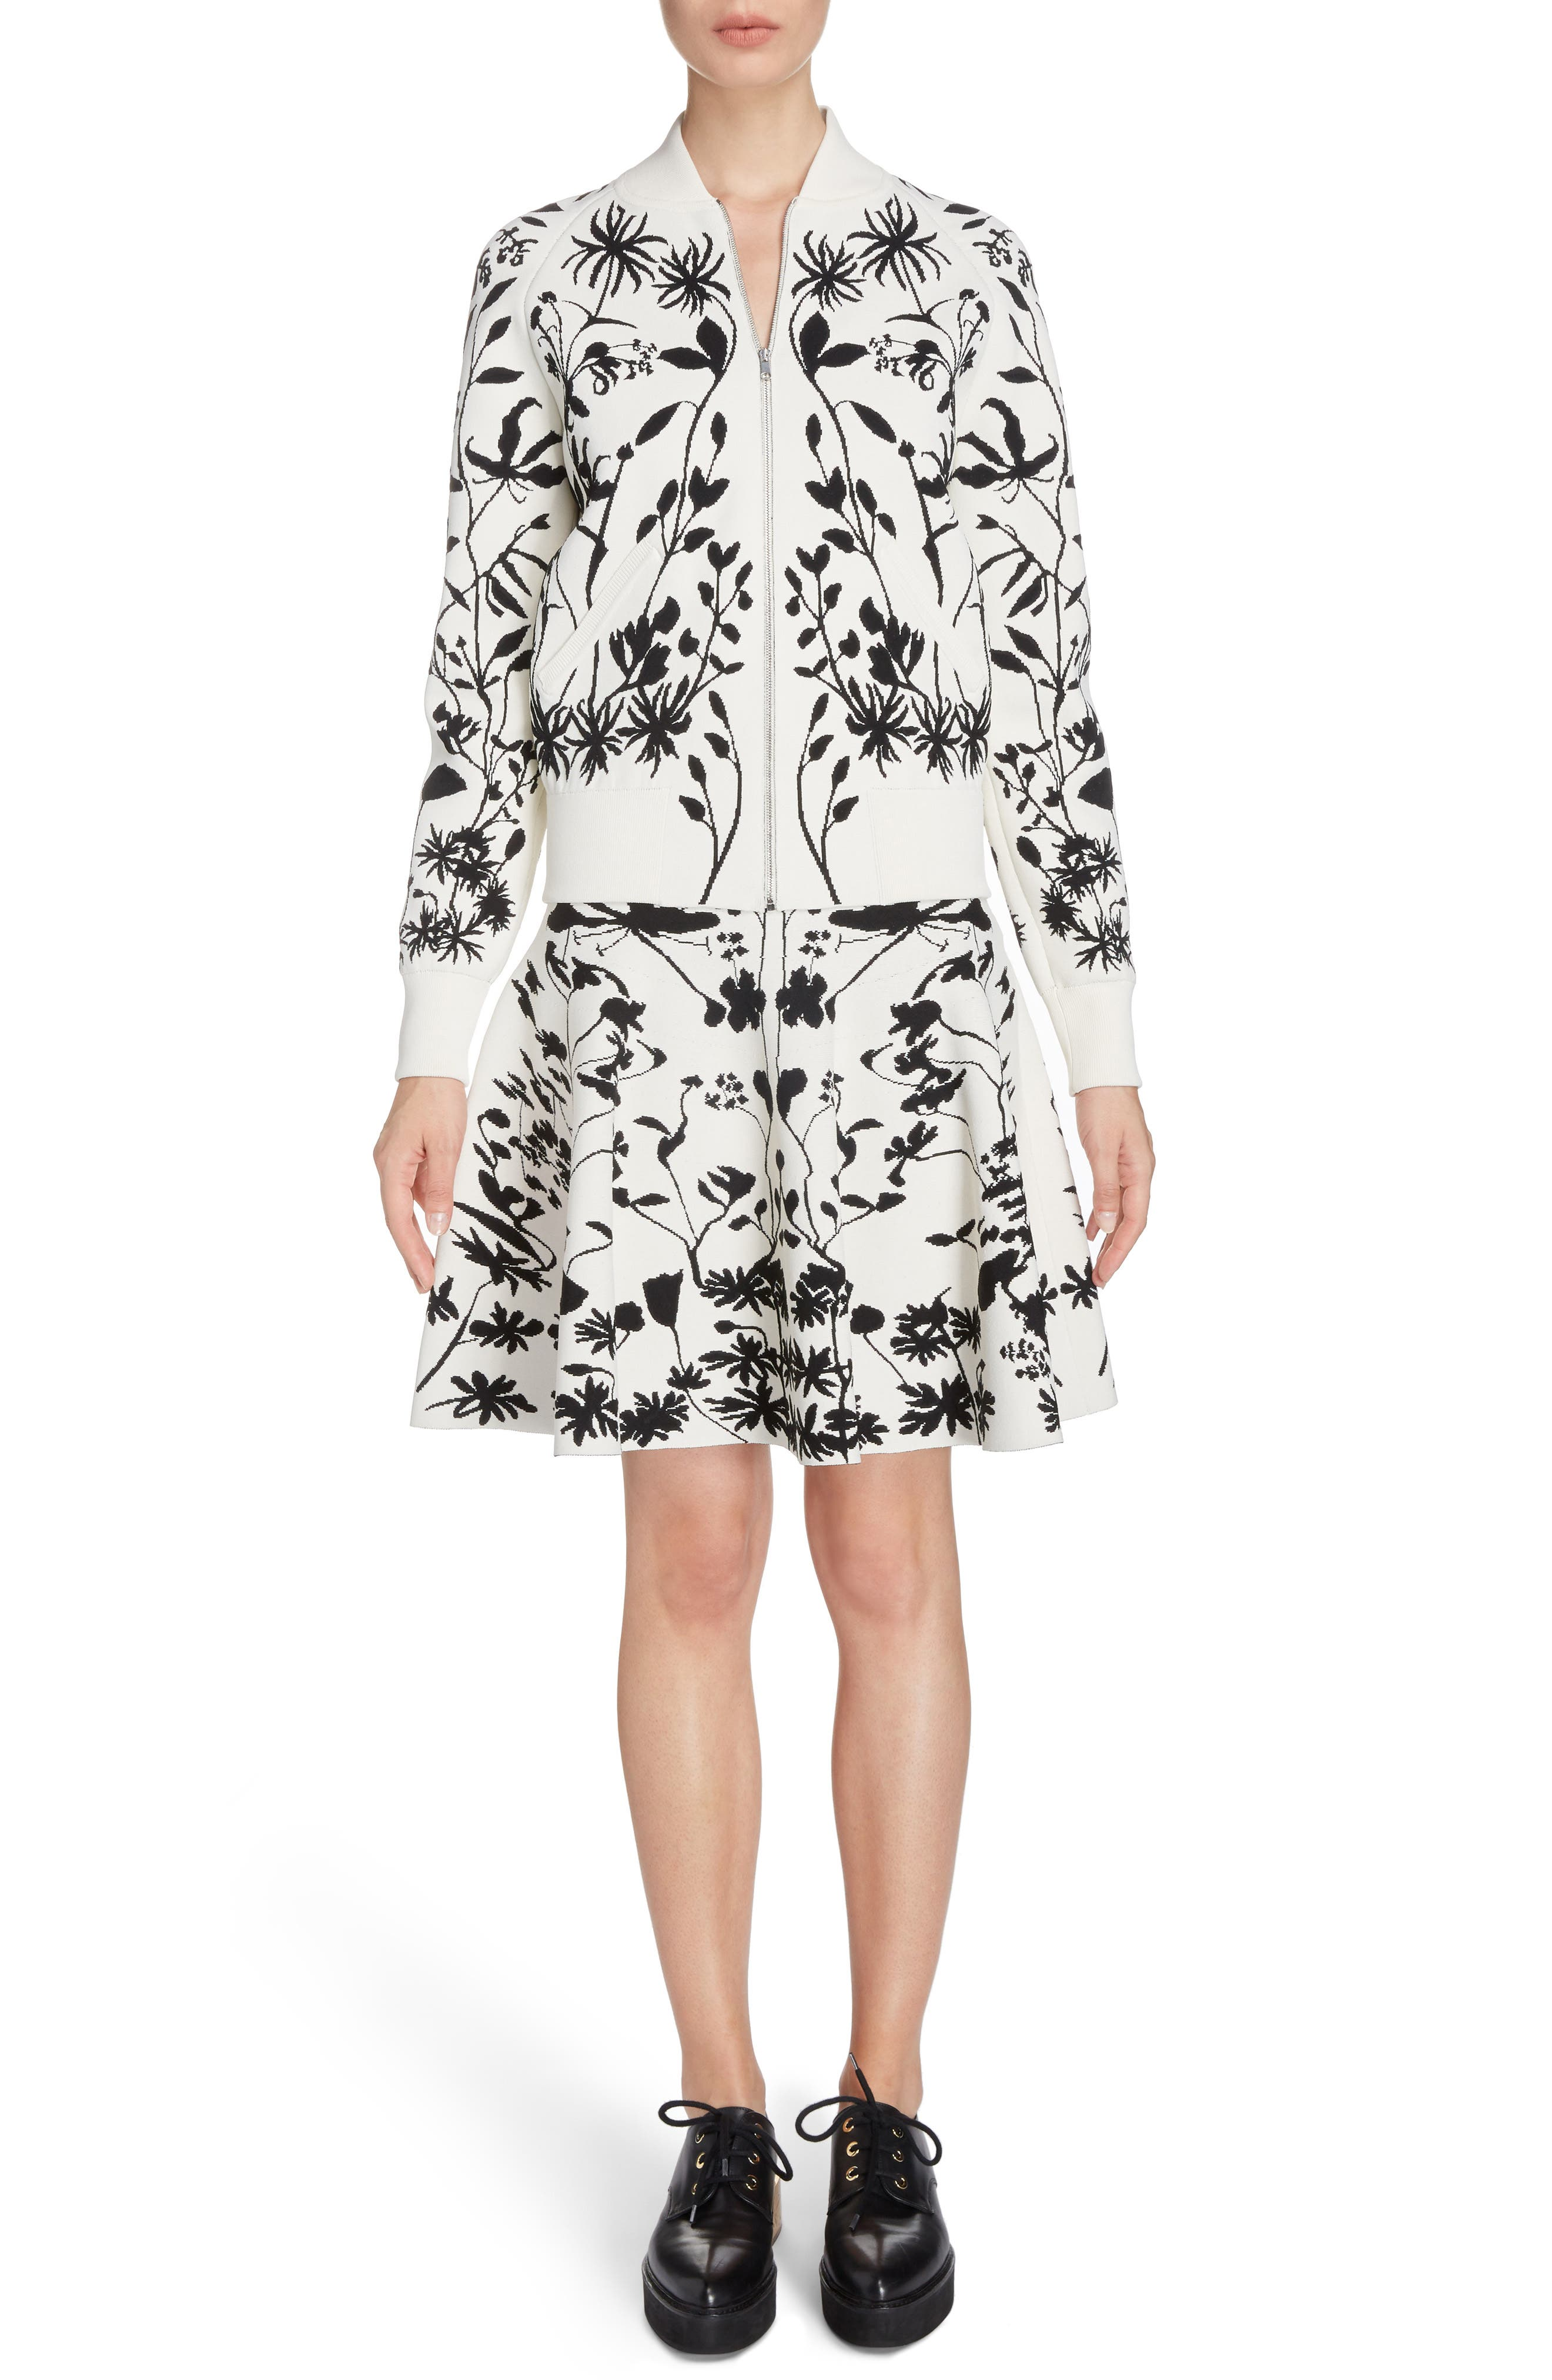 Botanical Jacquard Knit Flounce Skirt,                             Alternate thumbnail 6, color,                             Ivory/ Black